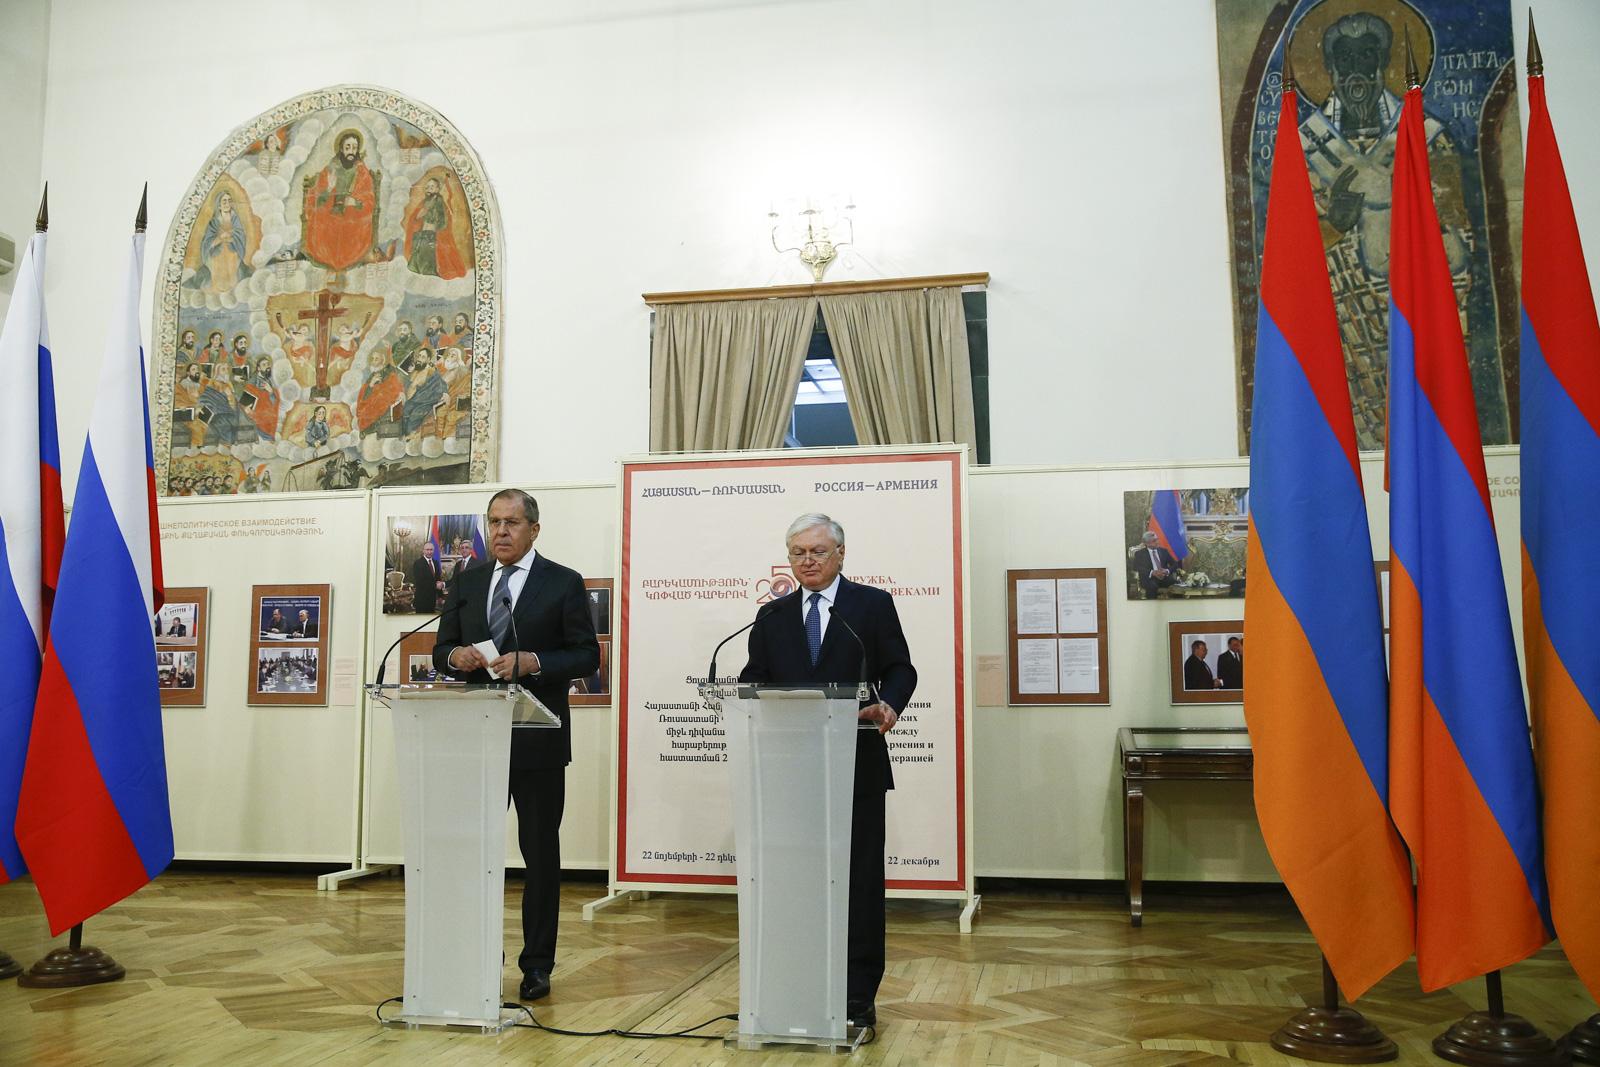 Саргсян поведал опродуктивном развитии российско-армянских отношений